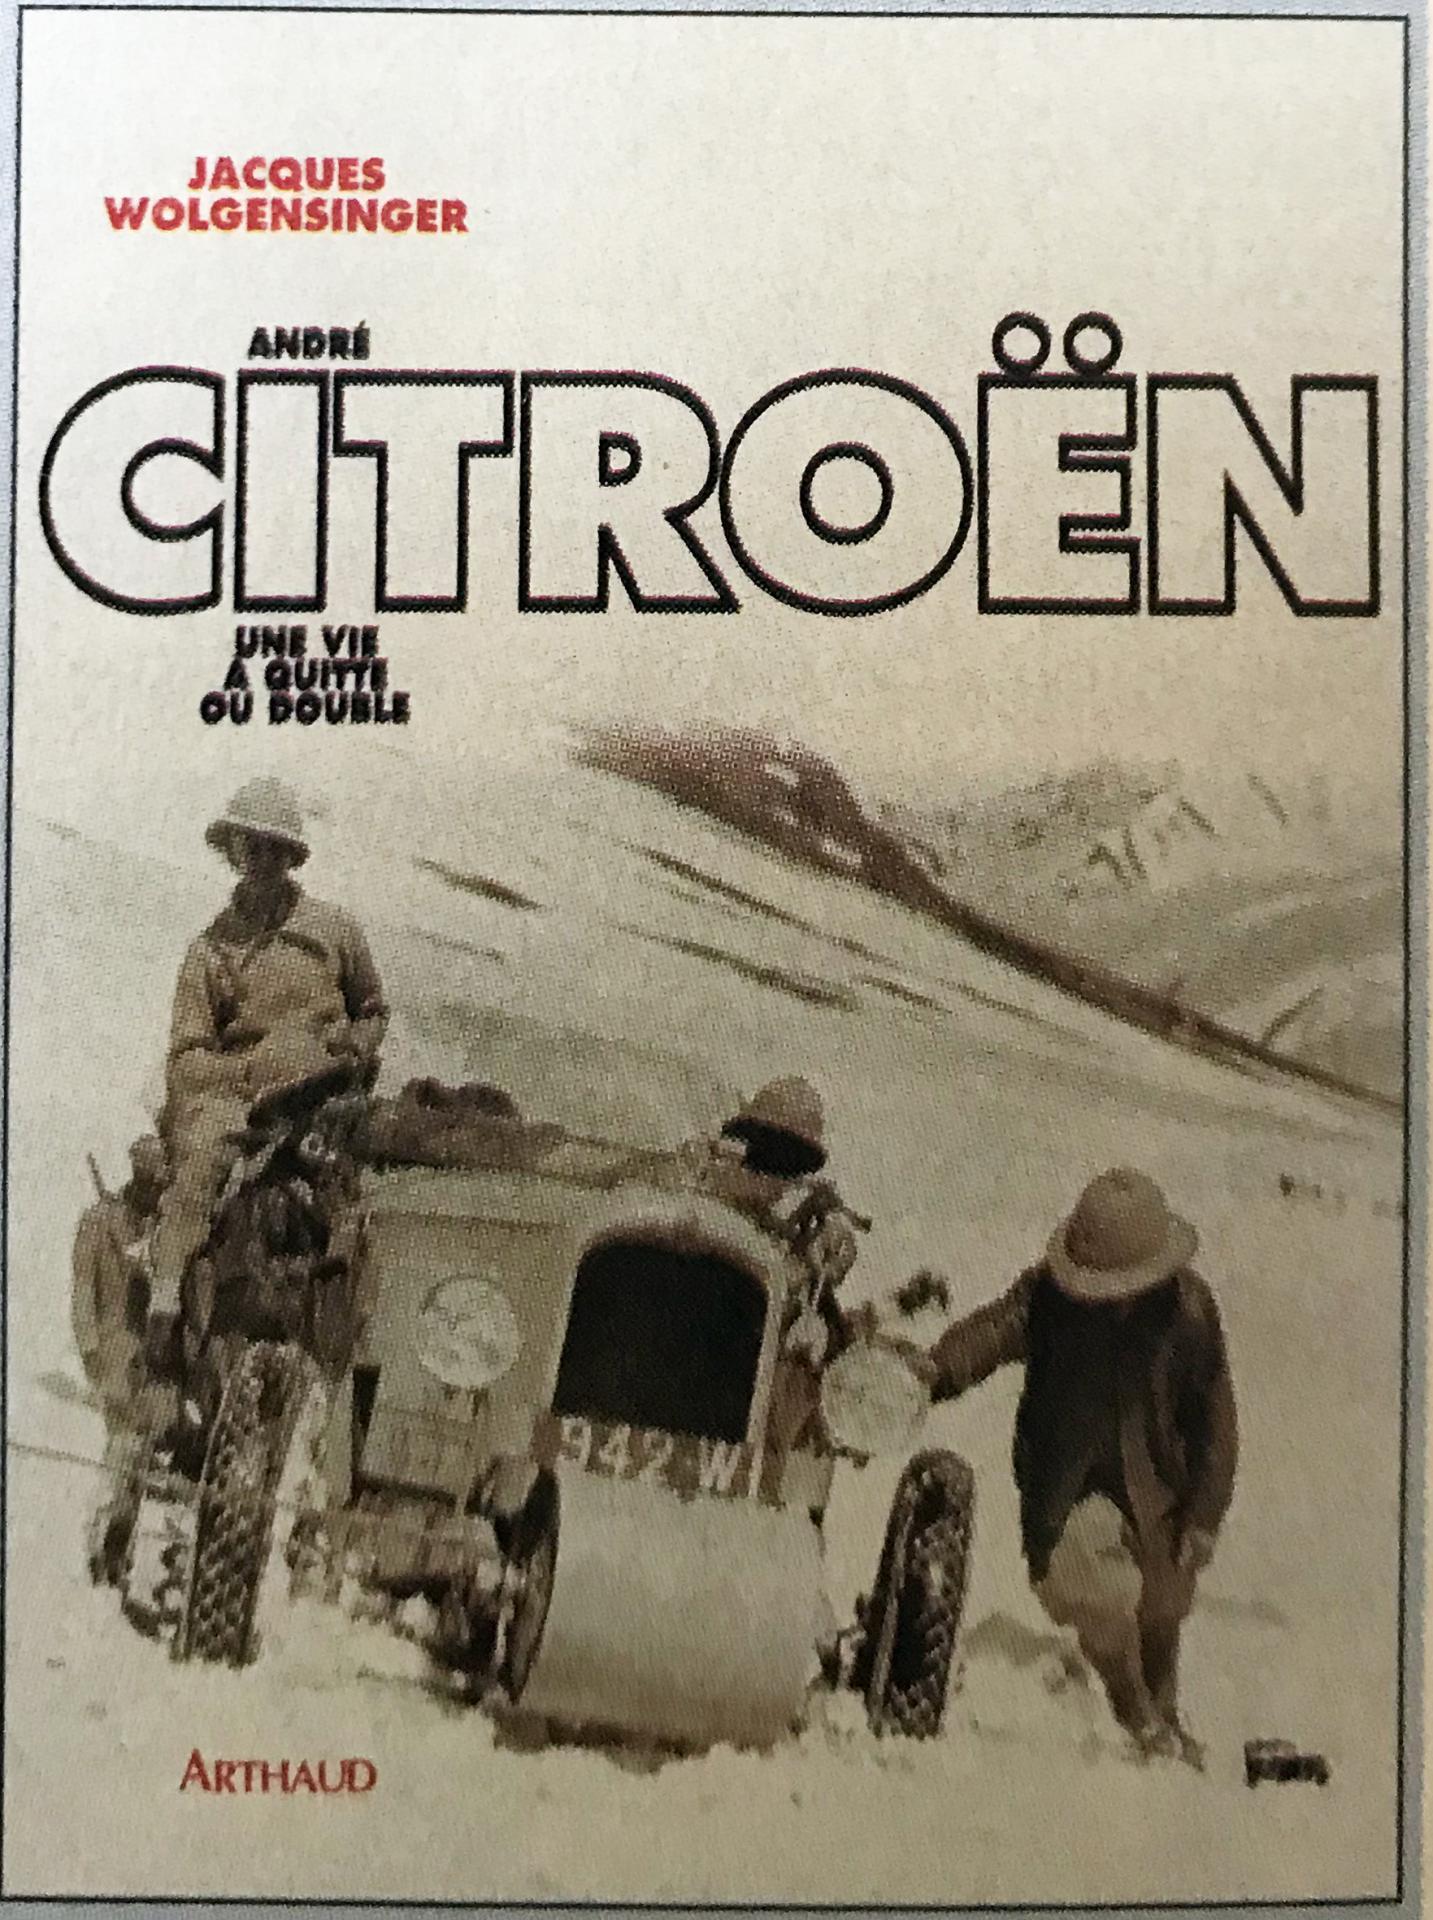 1996 André Citroën - Une vie à quitte ou double